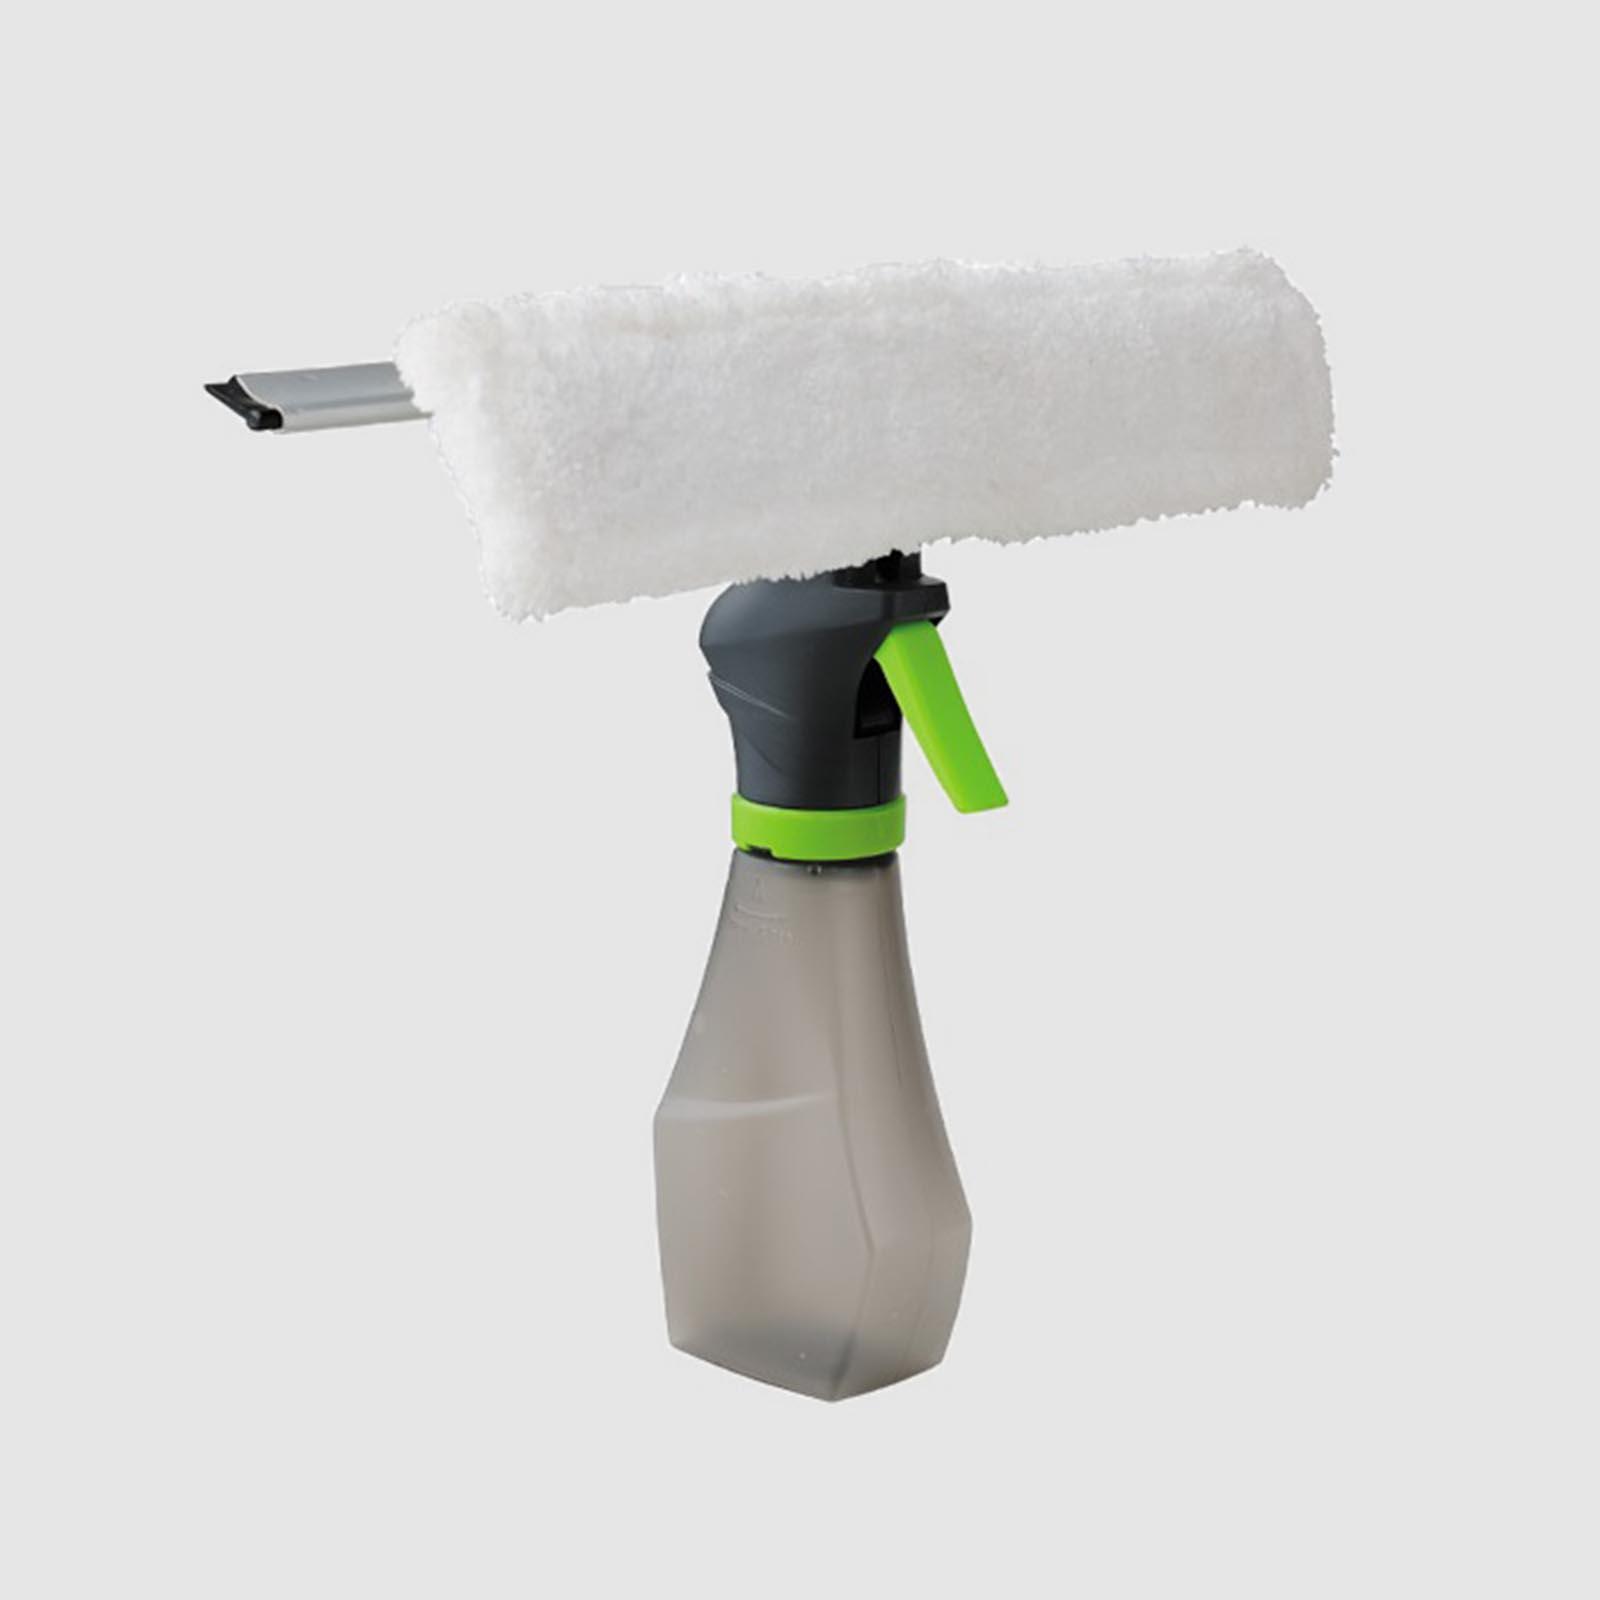 Супер щетка-водосгон с распылителем